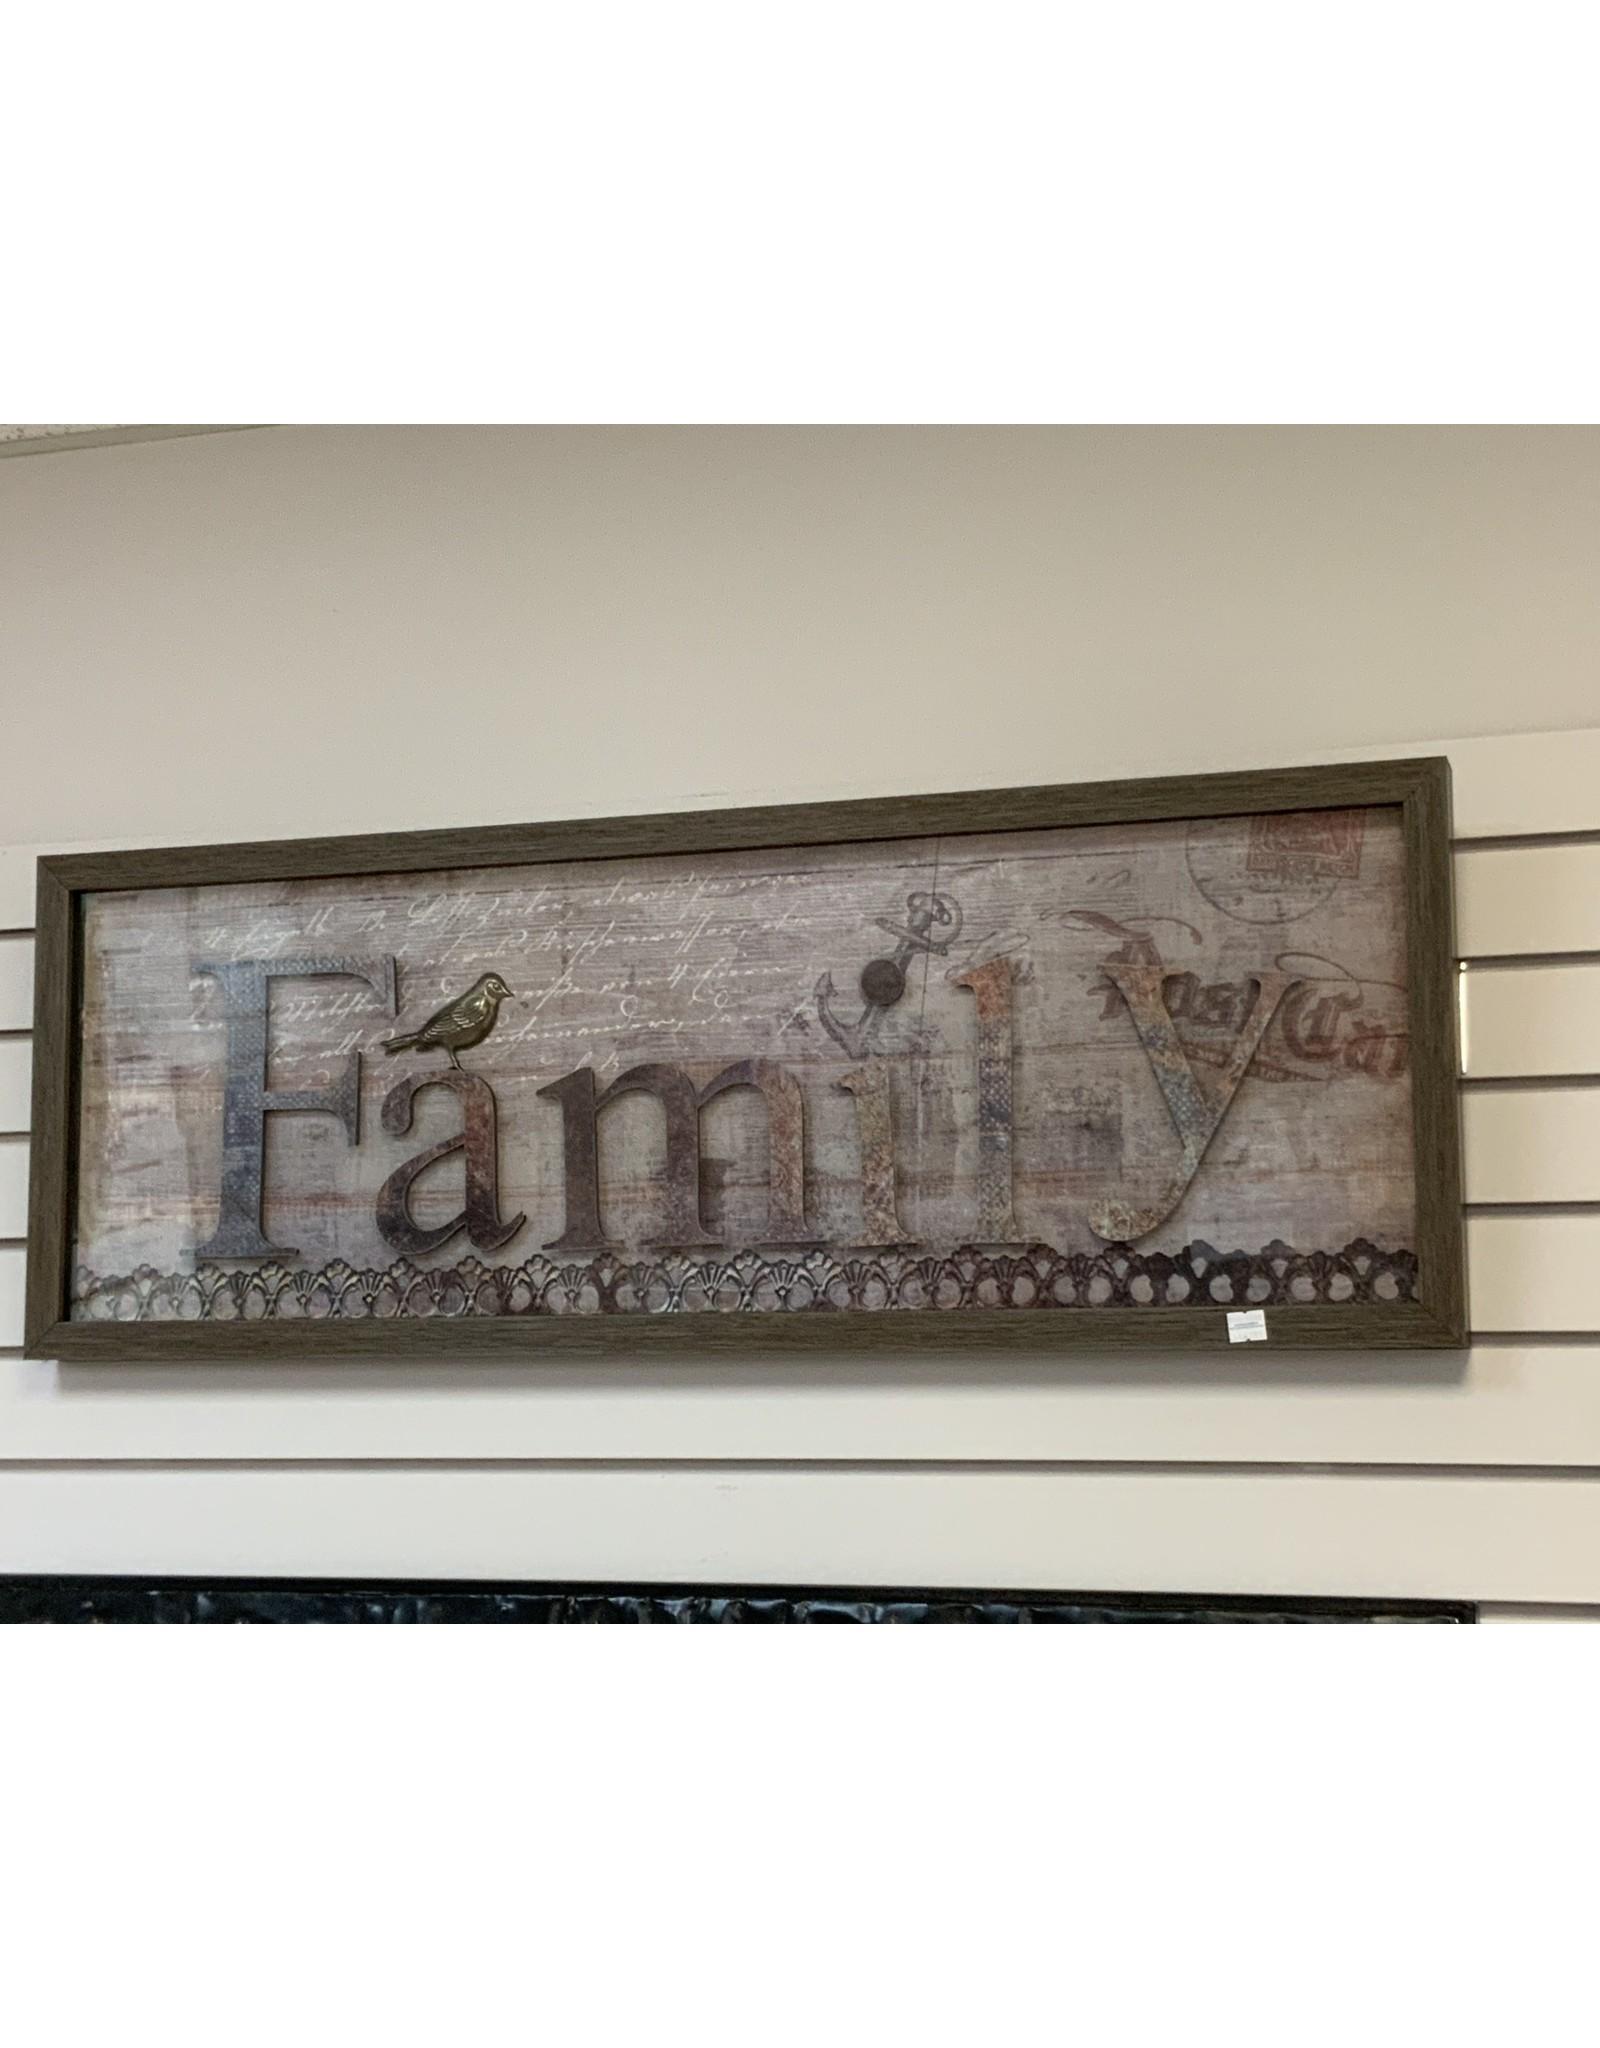 FAMILY FRAMED ART